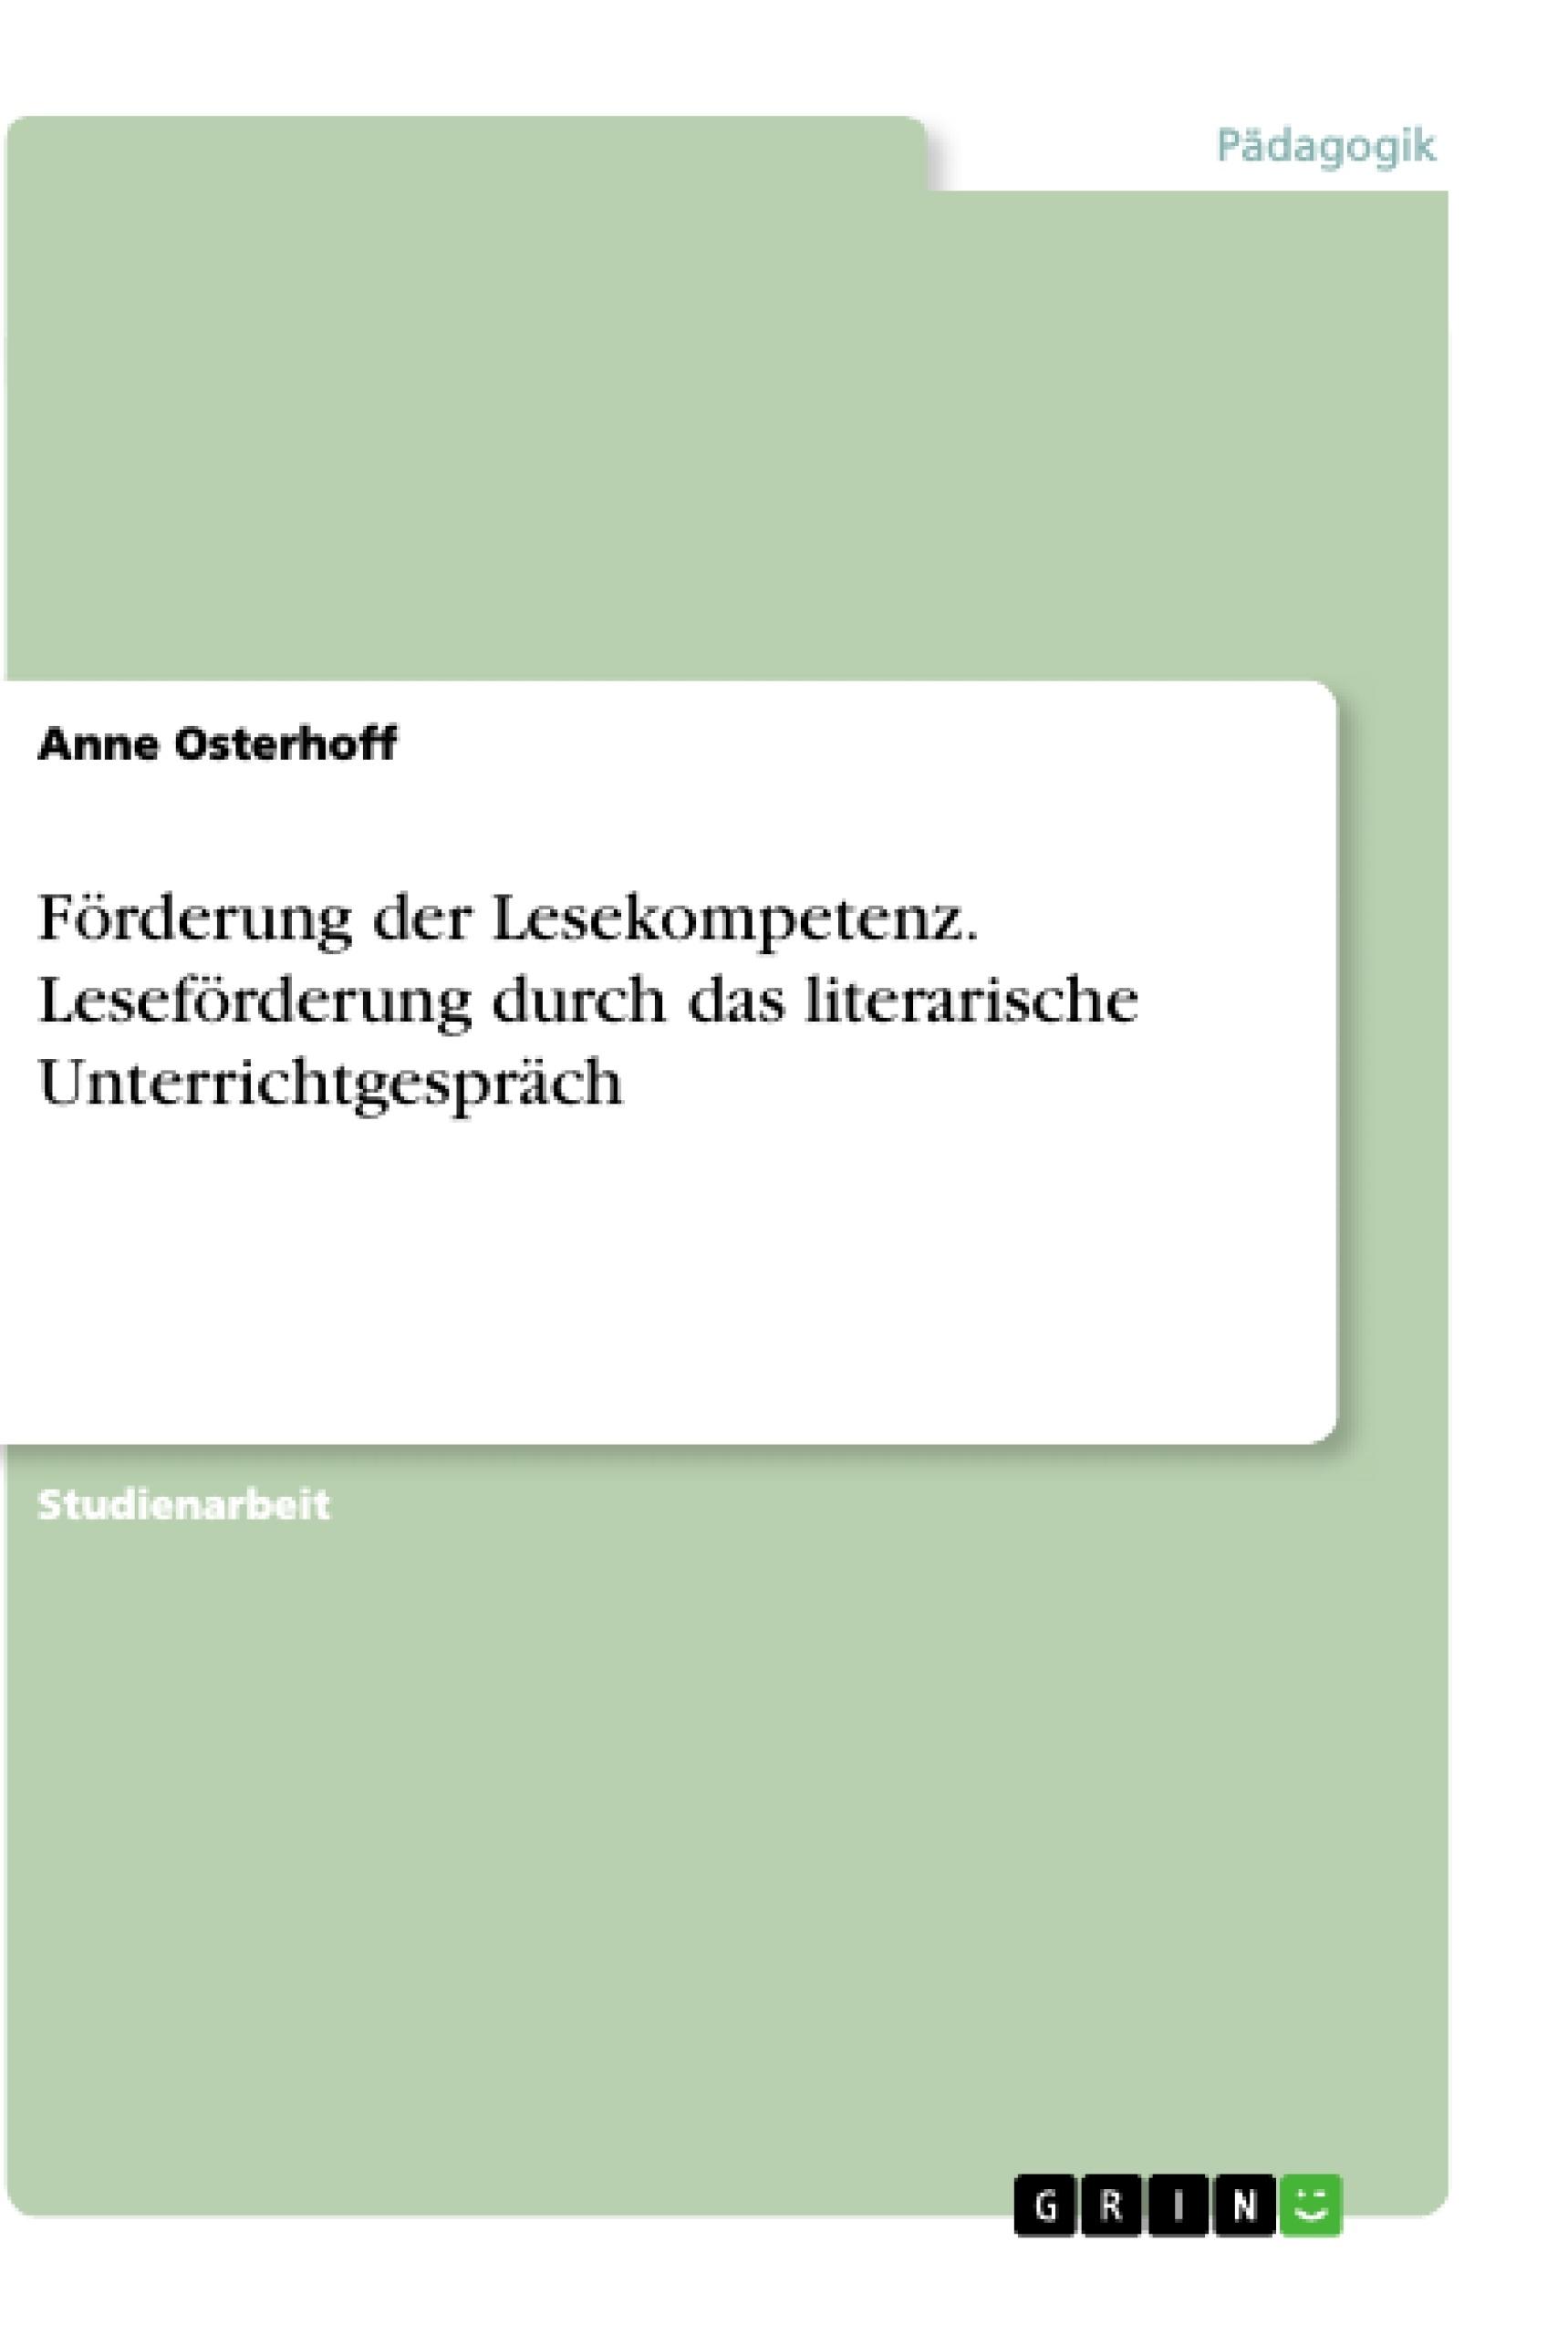 Titel: Förderung der Lesekompetenz. Leseförderung durch das literarische Unterrichtgespräch